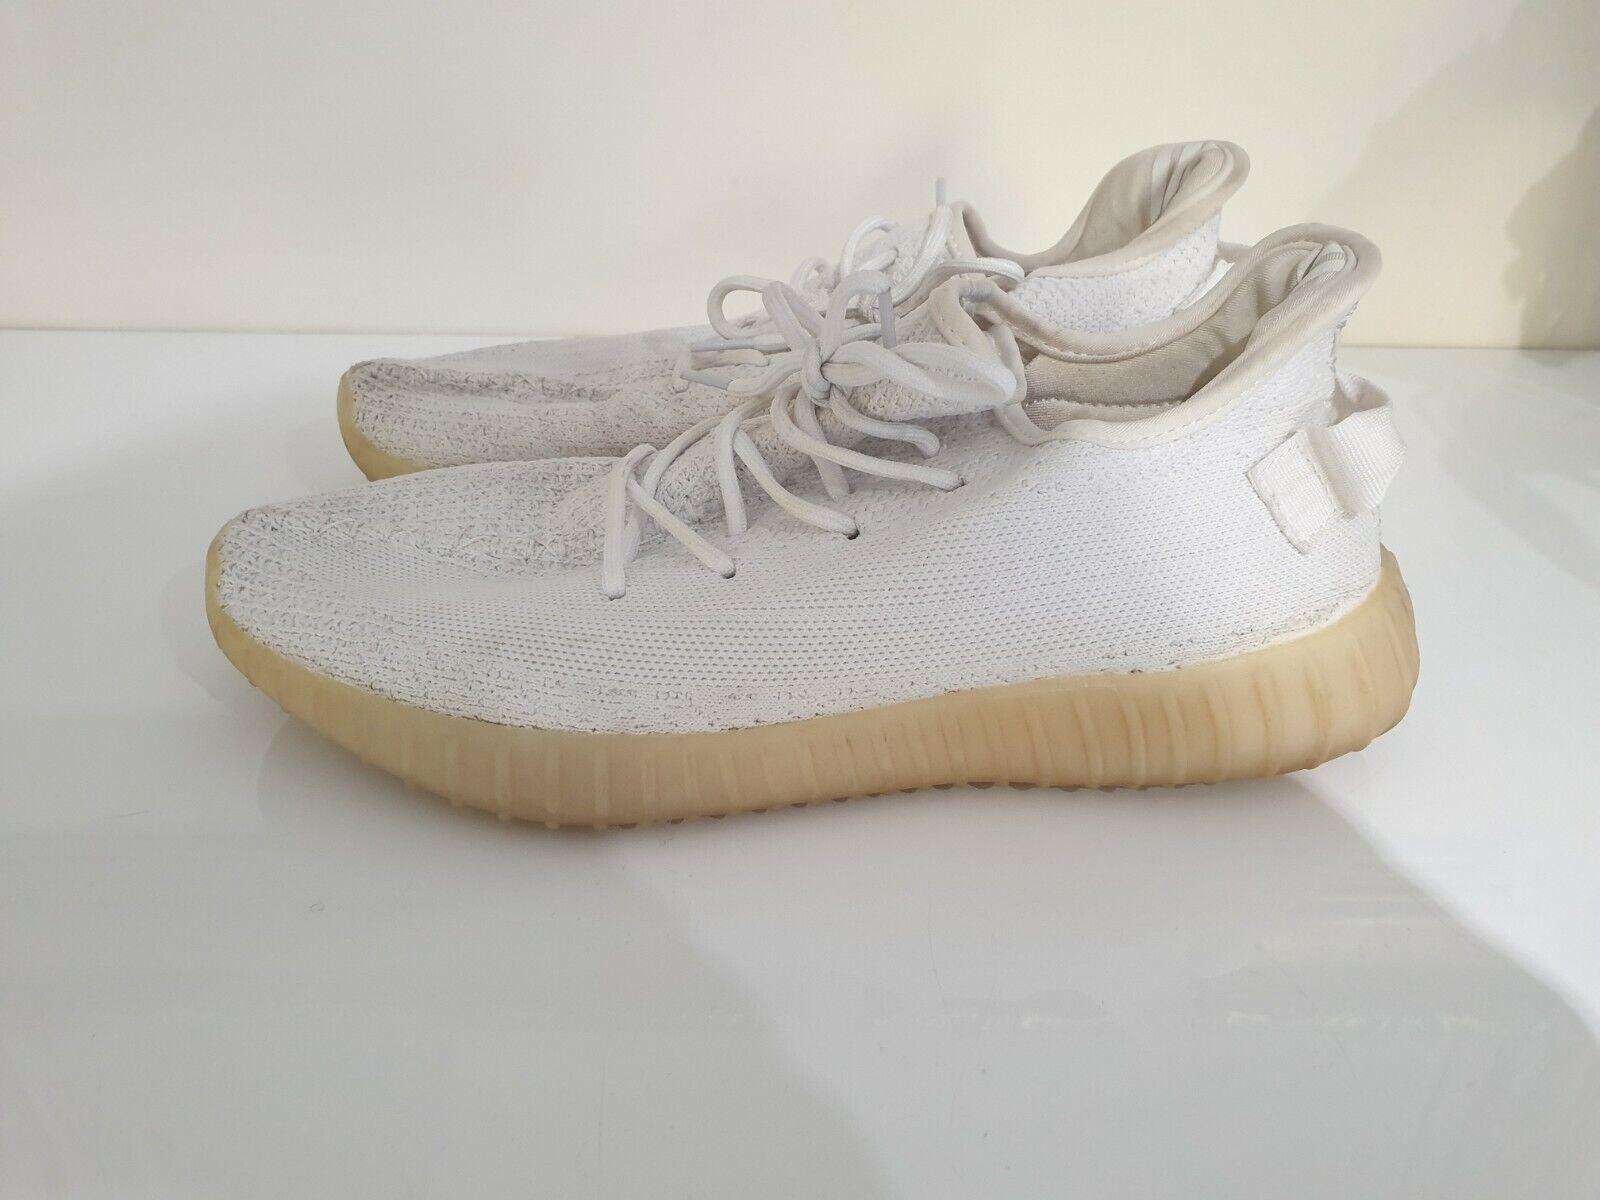 Brisa Habitual Bonito  Yeezy Boost 350 V2 Cream White for sale | eBay